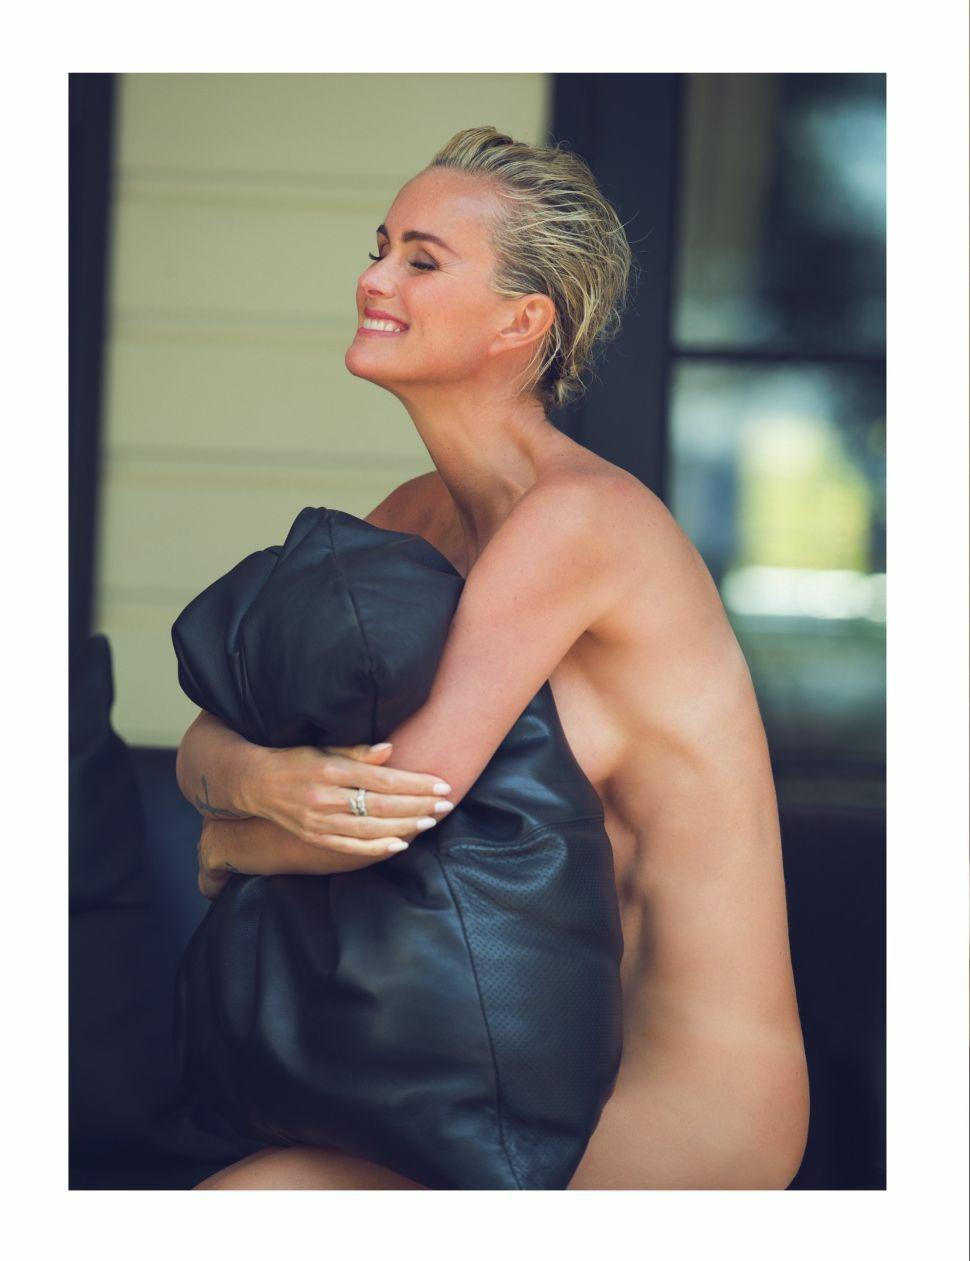 Laeticia-Hallyday-Nude-Sexy-4